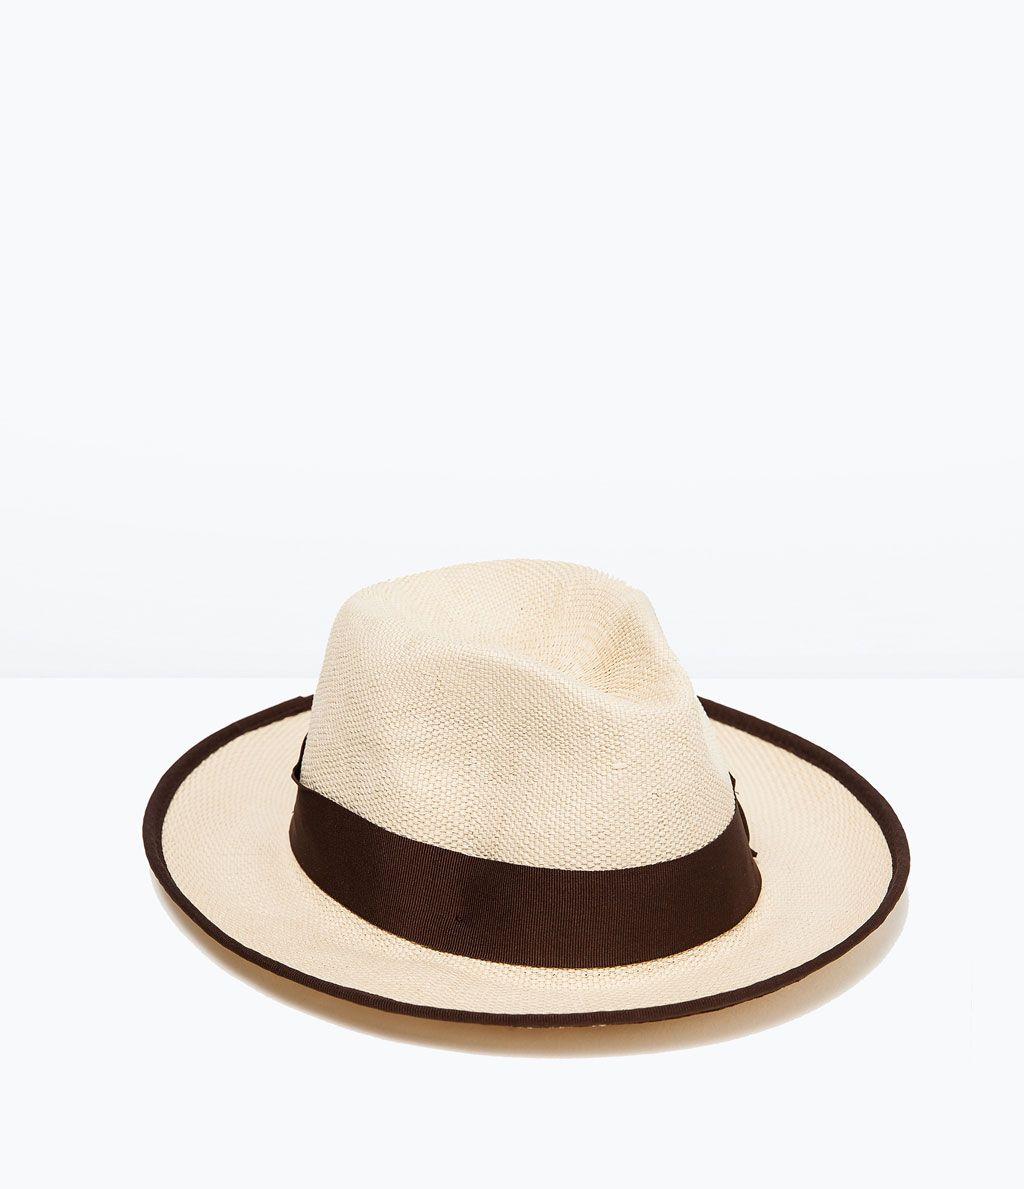 Wide Brim Straw Hat Beach Holiday Man Zara United States Mens Straw Hats Hats For Men Wide Brim Straw Hat